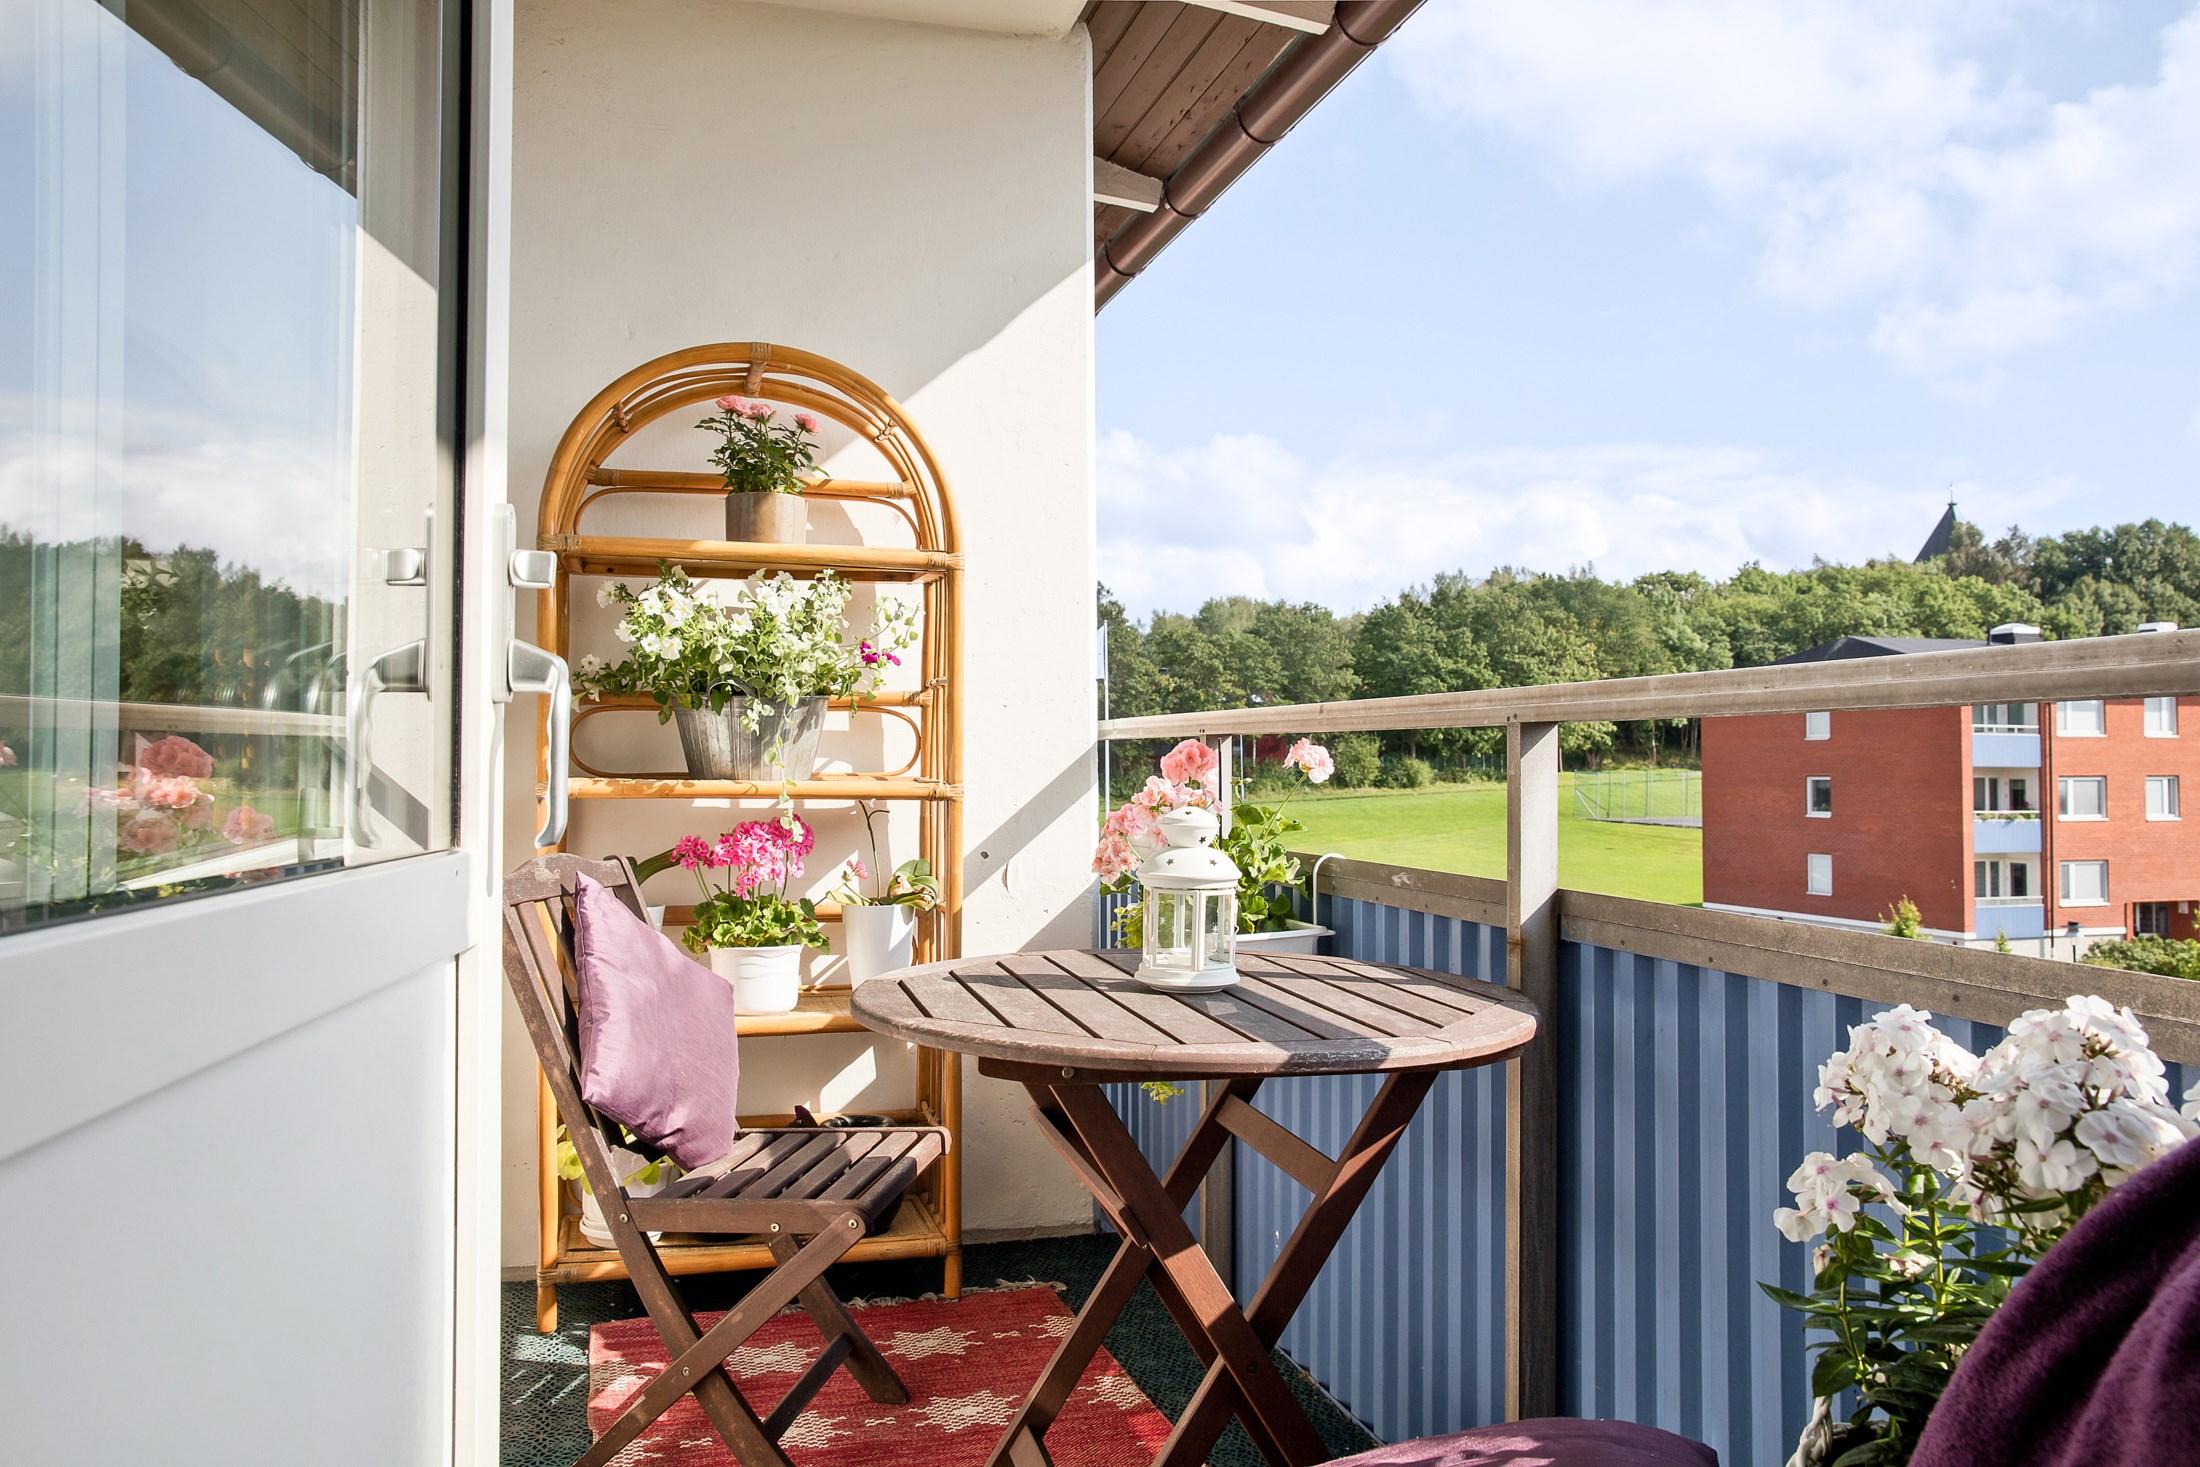 Inbjudande och soliga balkongen med sydväst läge